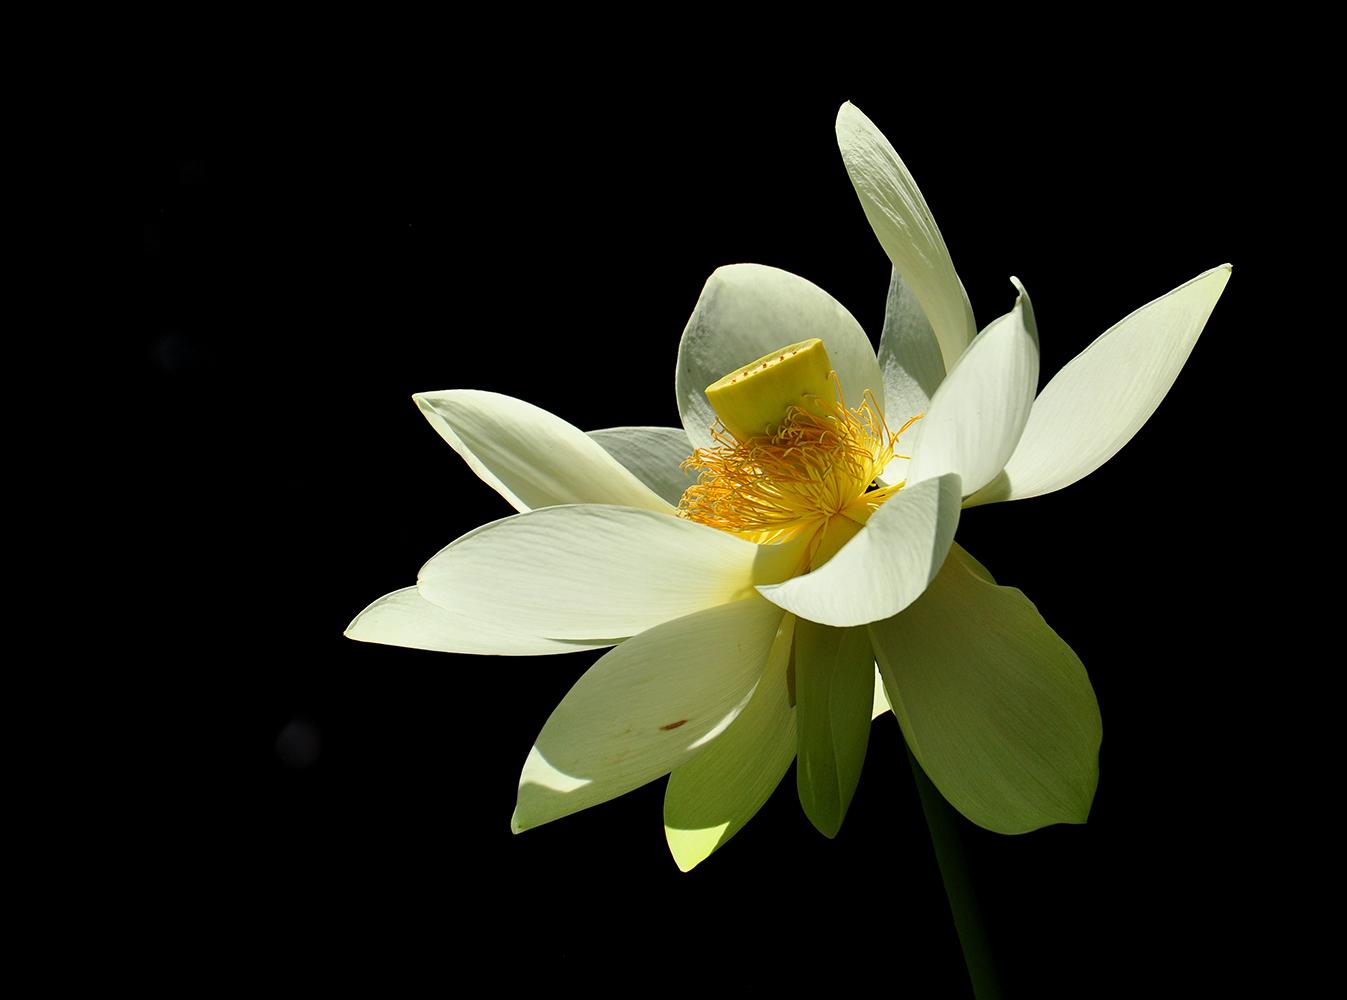 Die Lotus-Blüte